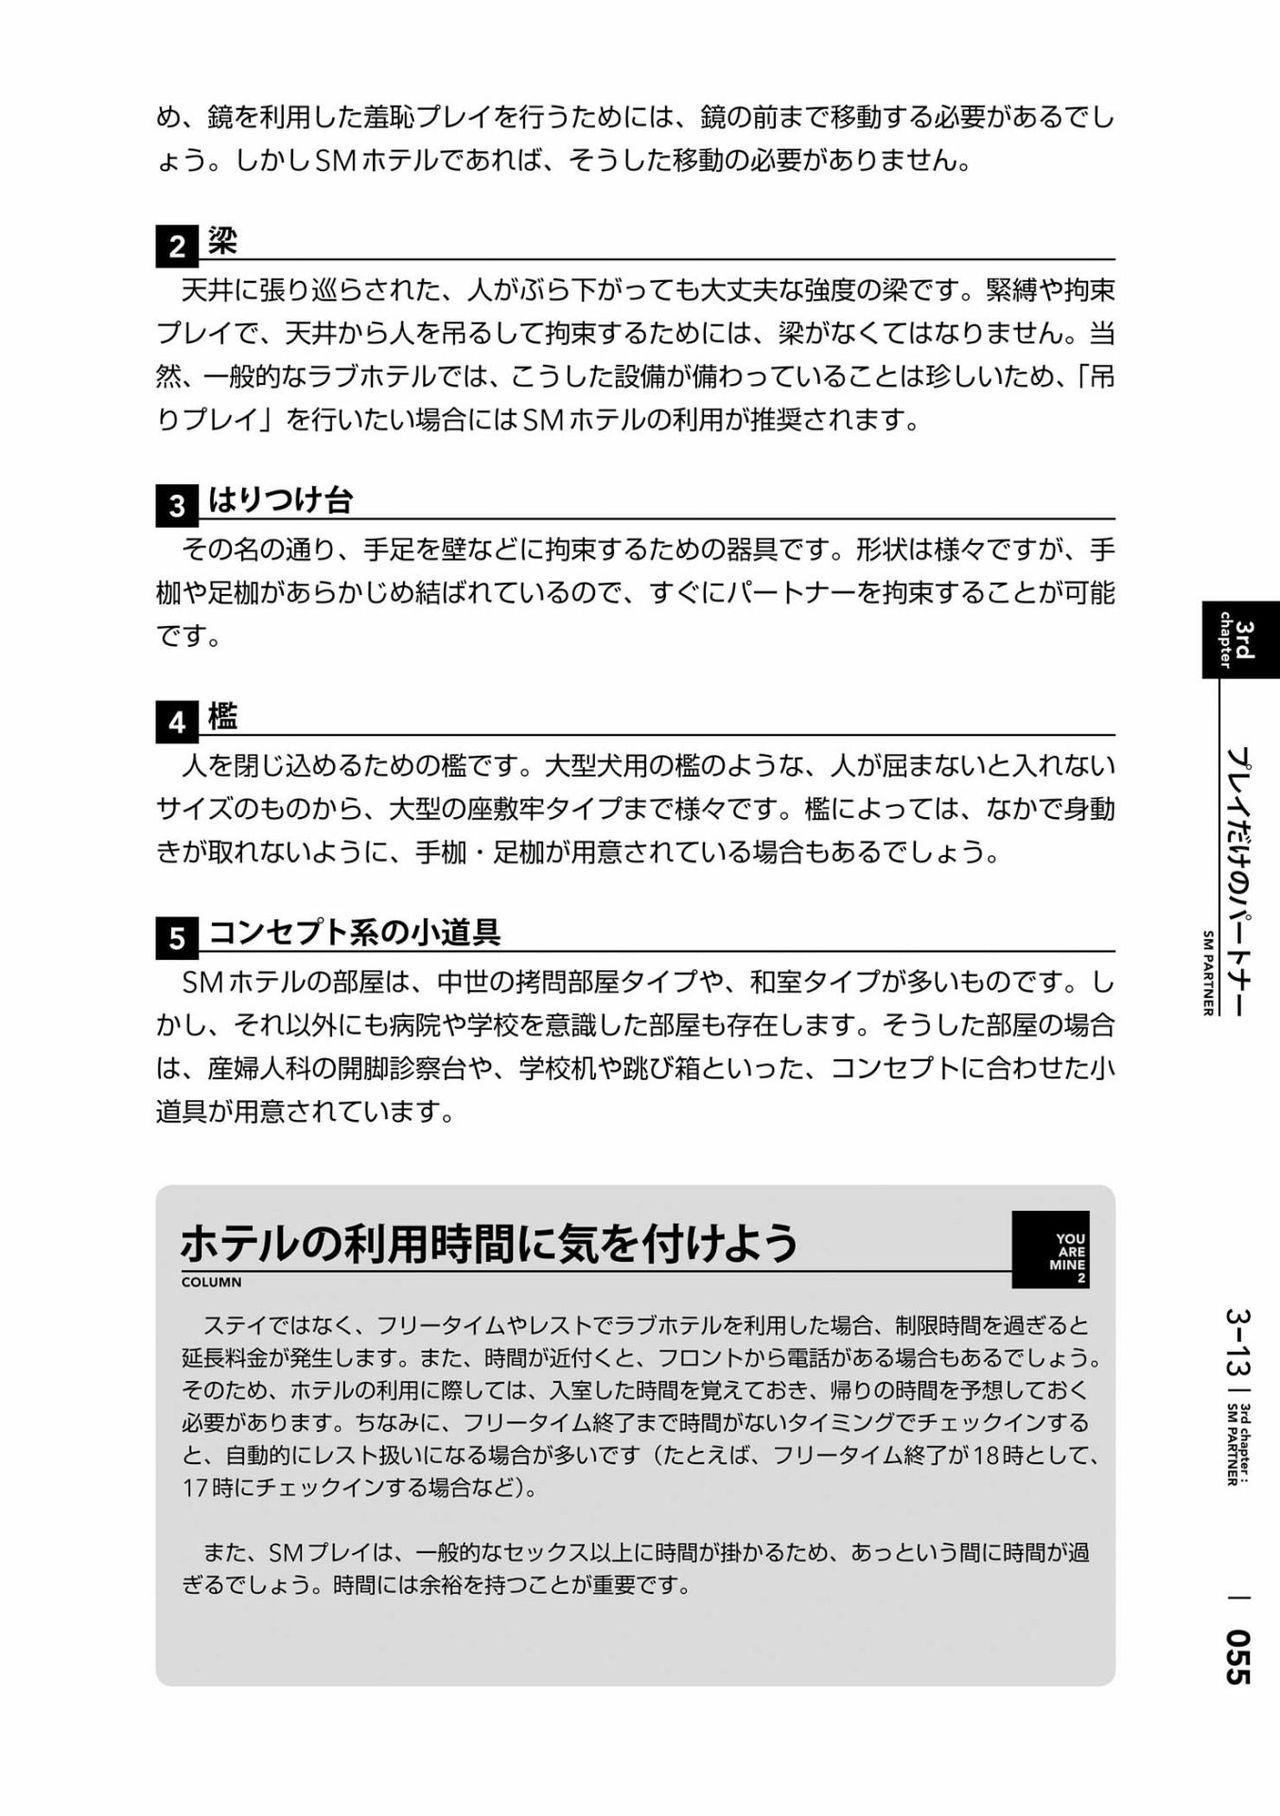 [Mitsuba] Karada mo Kokoro mo Boku no Mono ~Hajimete no SM Guide~ 2 [Digital] 57